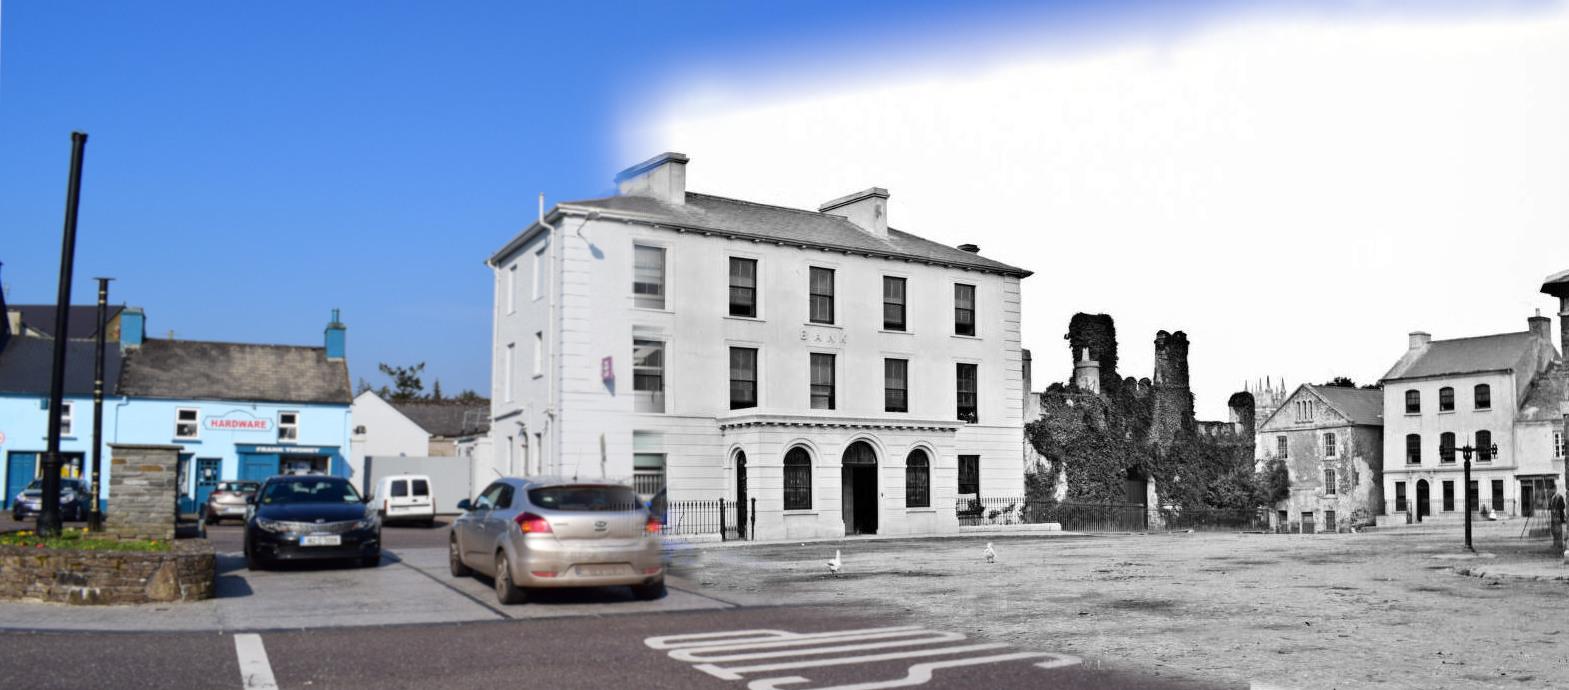 AIB, Macroom, Cork